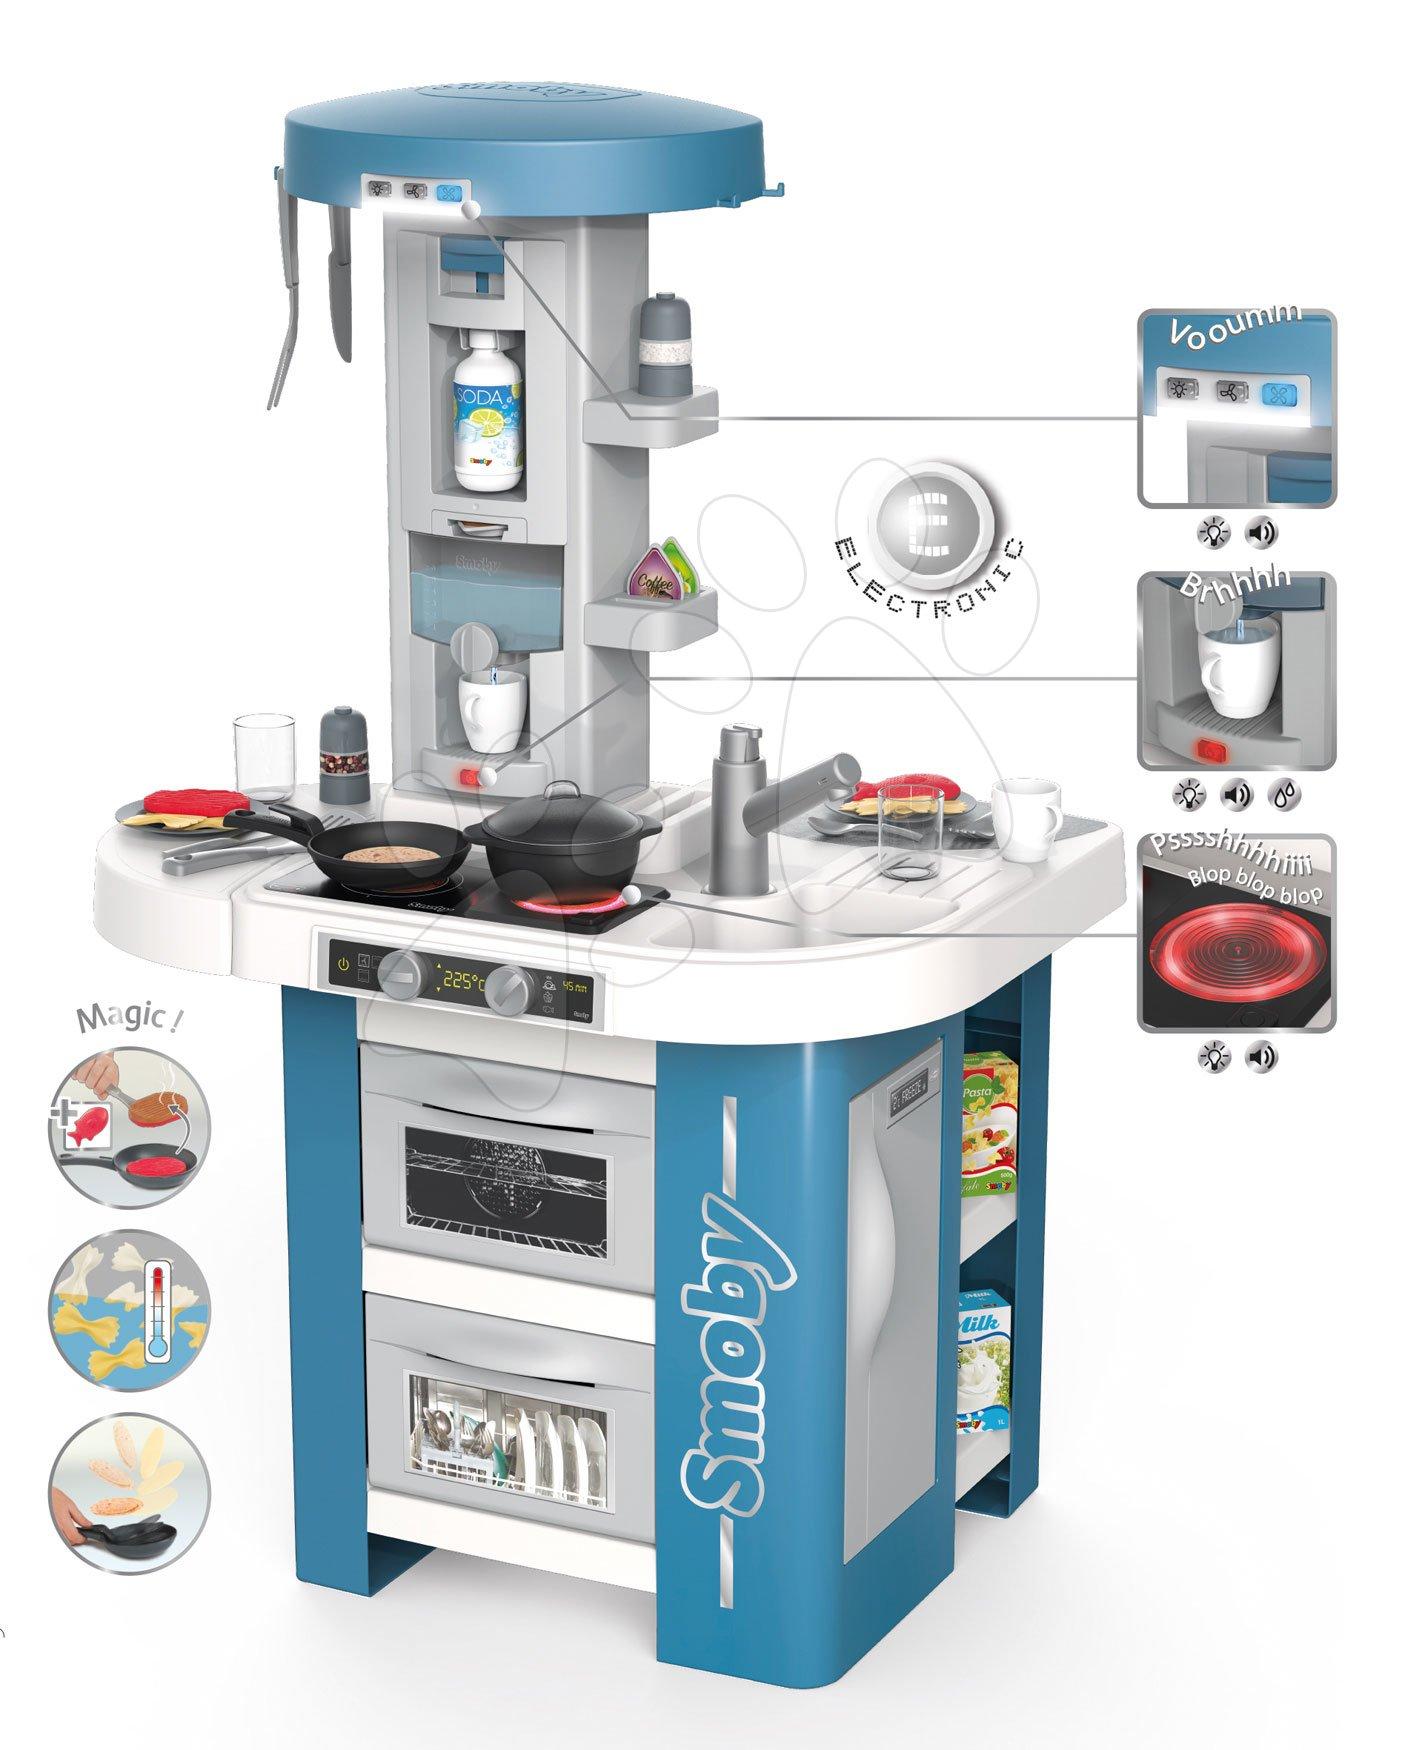 Kuchynka s technickým vybavením Tech Edition Smoby elektronická s mnohými zvukmi a svetlami a 35 doplnkov 100 cm vysoká